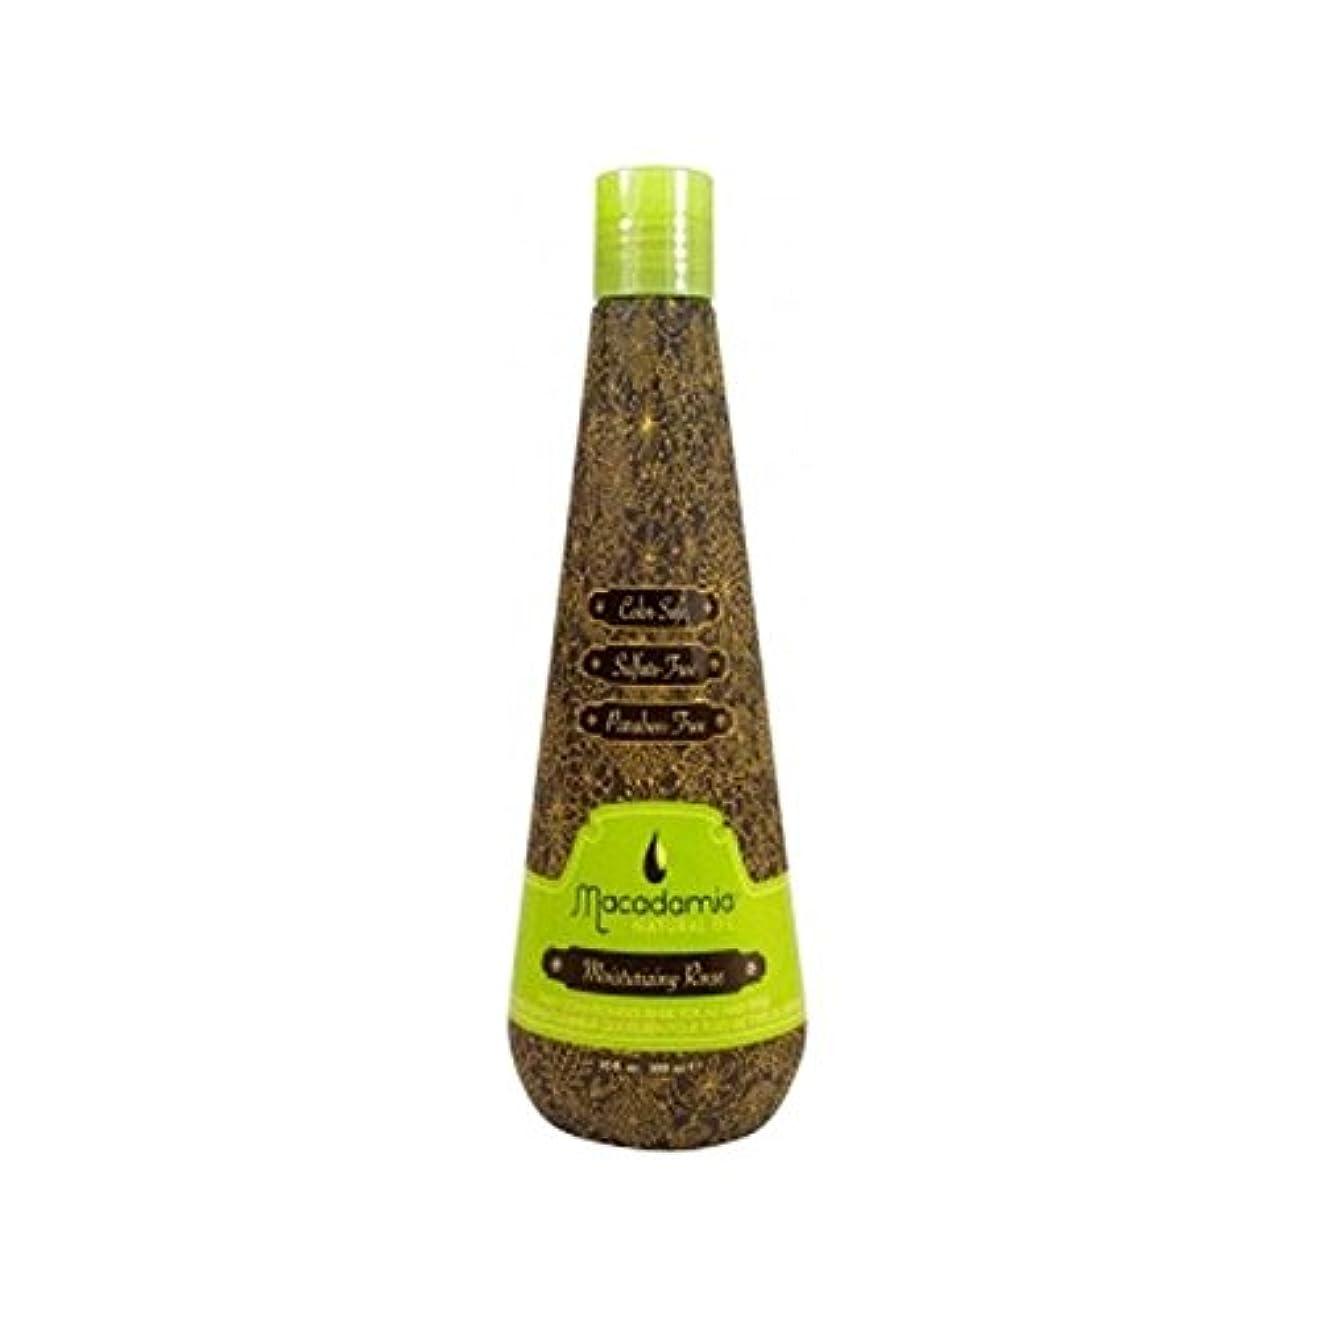 悪い敵意特定のマカダミア保湿リンス(300ミリリットル) x2 - Macadamia Moisturising Rinse (300ml) (Pack of 2) [並行輸入品]